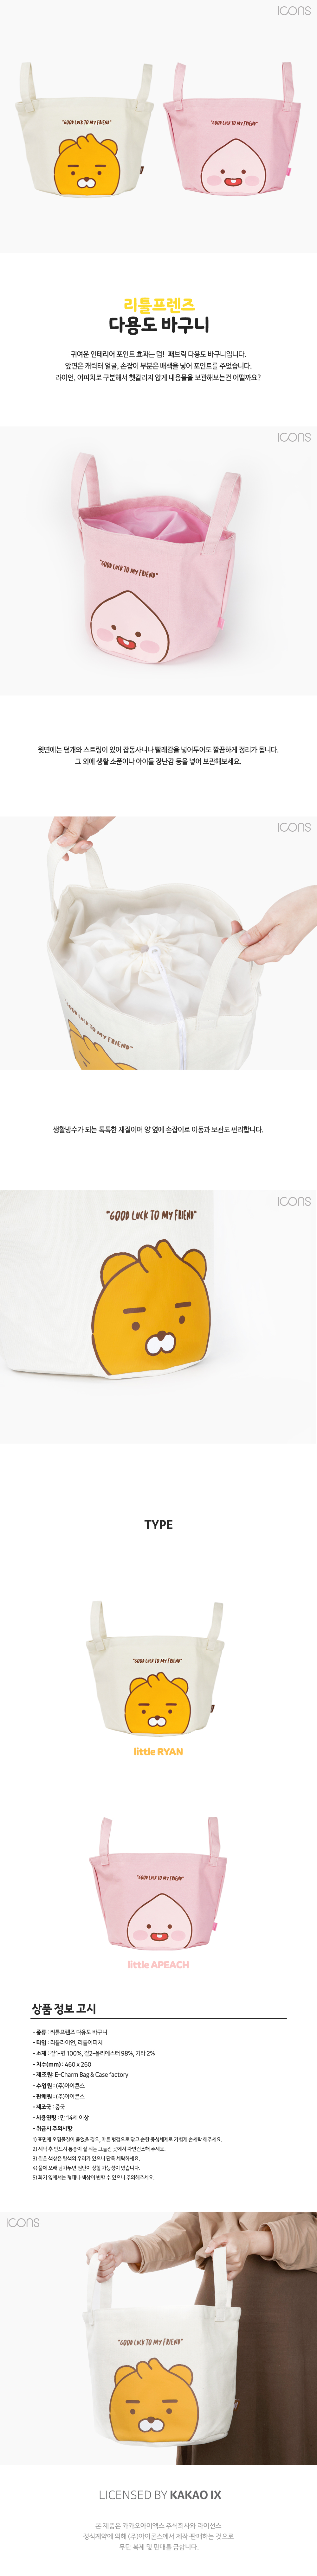 [Kakao Friends] Multi Bag-holiholic.com